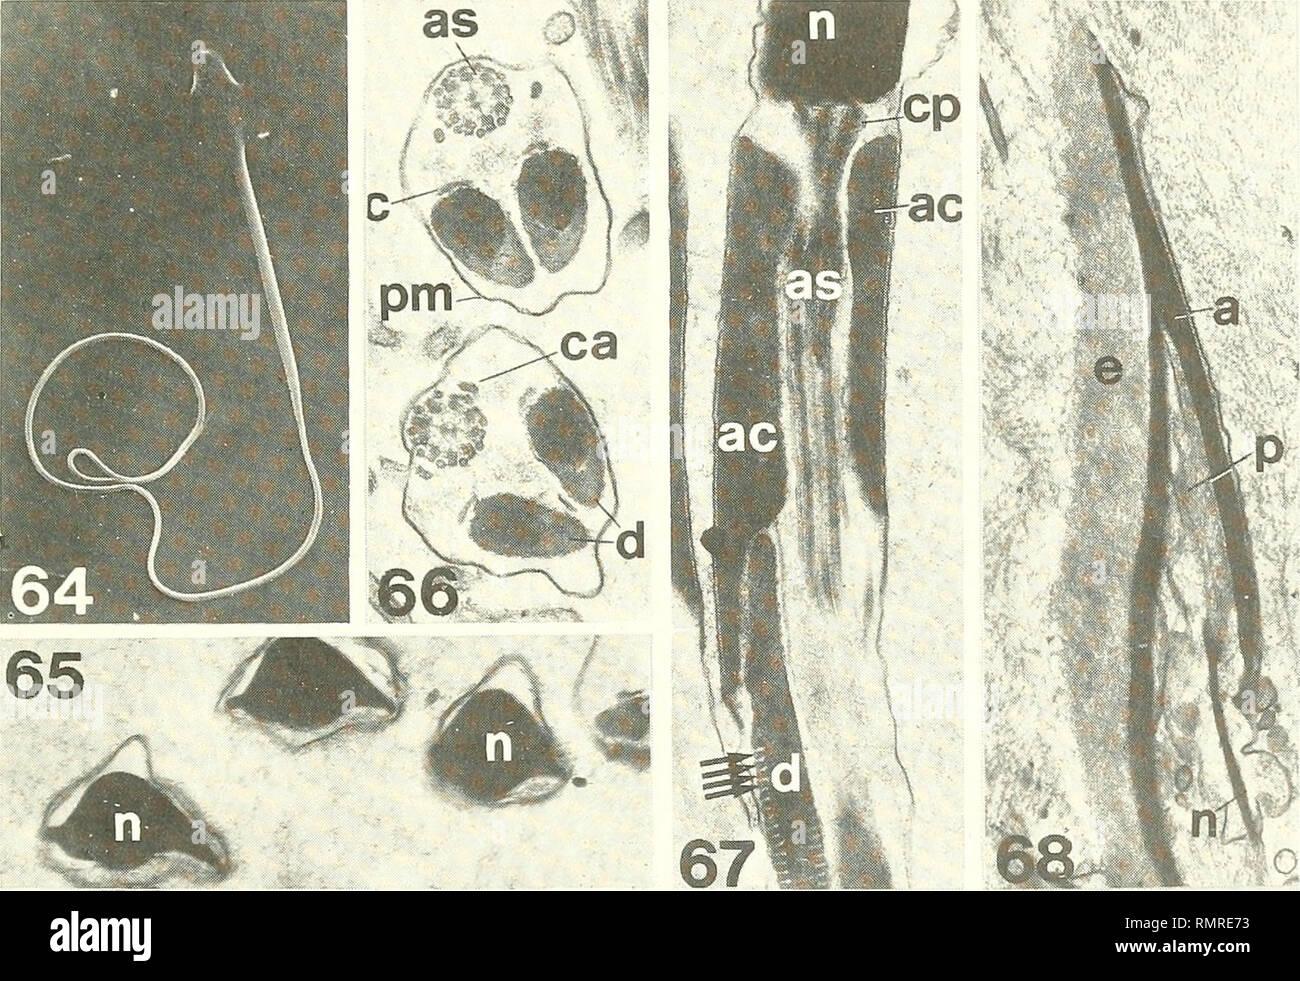 . Annali del Museo Civico di Storia Naturale Giacomo Doria. Natural History. INSETTI ORTOTTKKOIDICI ISOLI -; (1 IU'l MSAKI)! •; 445 Uromenus brevicollis insularis Hacken. Uromenus confusus insularis Chopard, Ann. Soc. Ent. Fr. 92, S. 266, 279) (Uromenus Bolivarius brevicollis insularis, Harz, 1969, Orth. Europ., I, S. 573. Budelli, 10-7-1990, 1 3. Maddalena, Spalmatone, 18-6 -1989, 1 3 ninfa IST. Tavolara, Strada, 29-7-1986, 1e?, 1? Ist. Serpentara, 7-7 -1990, 1? Ist. S. Antioco, Su Pruini, 11-5-1988, 1 neanide; Spiaggia Coaquaddus, 12-17-1988, 1 neanide; Canai, 12-17-1988, 1 neanide; Cala Lun Stockfoto